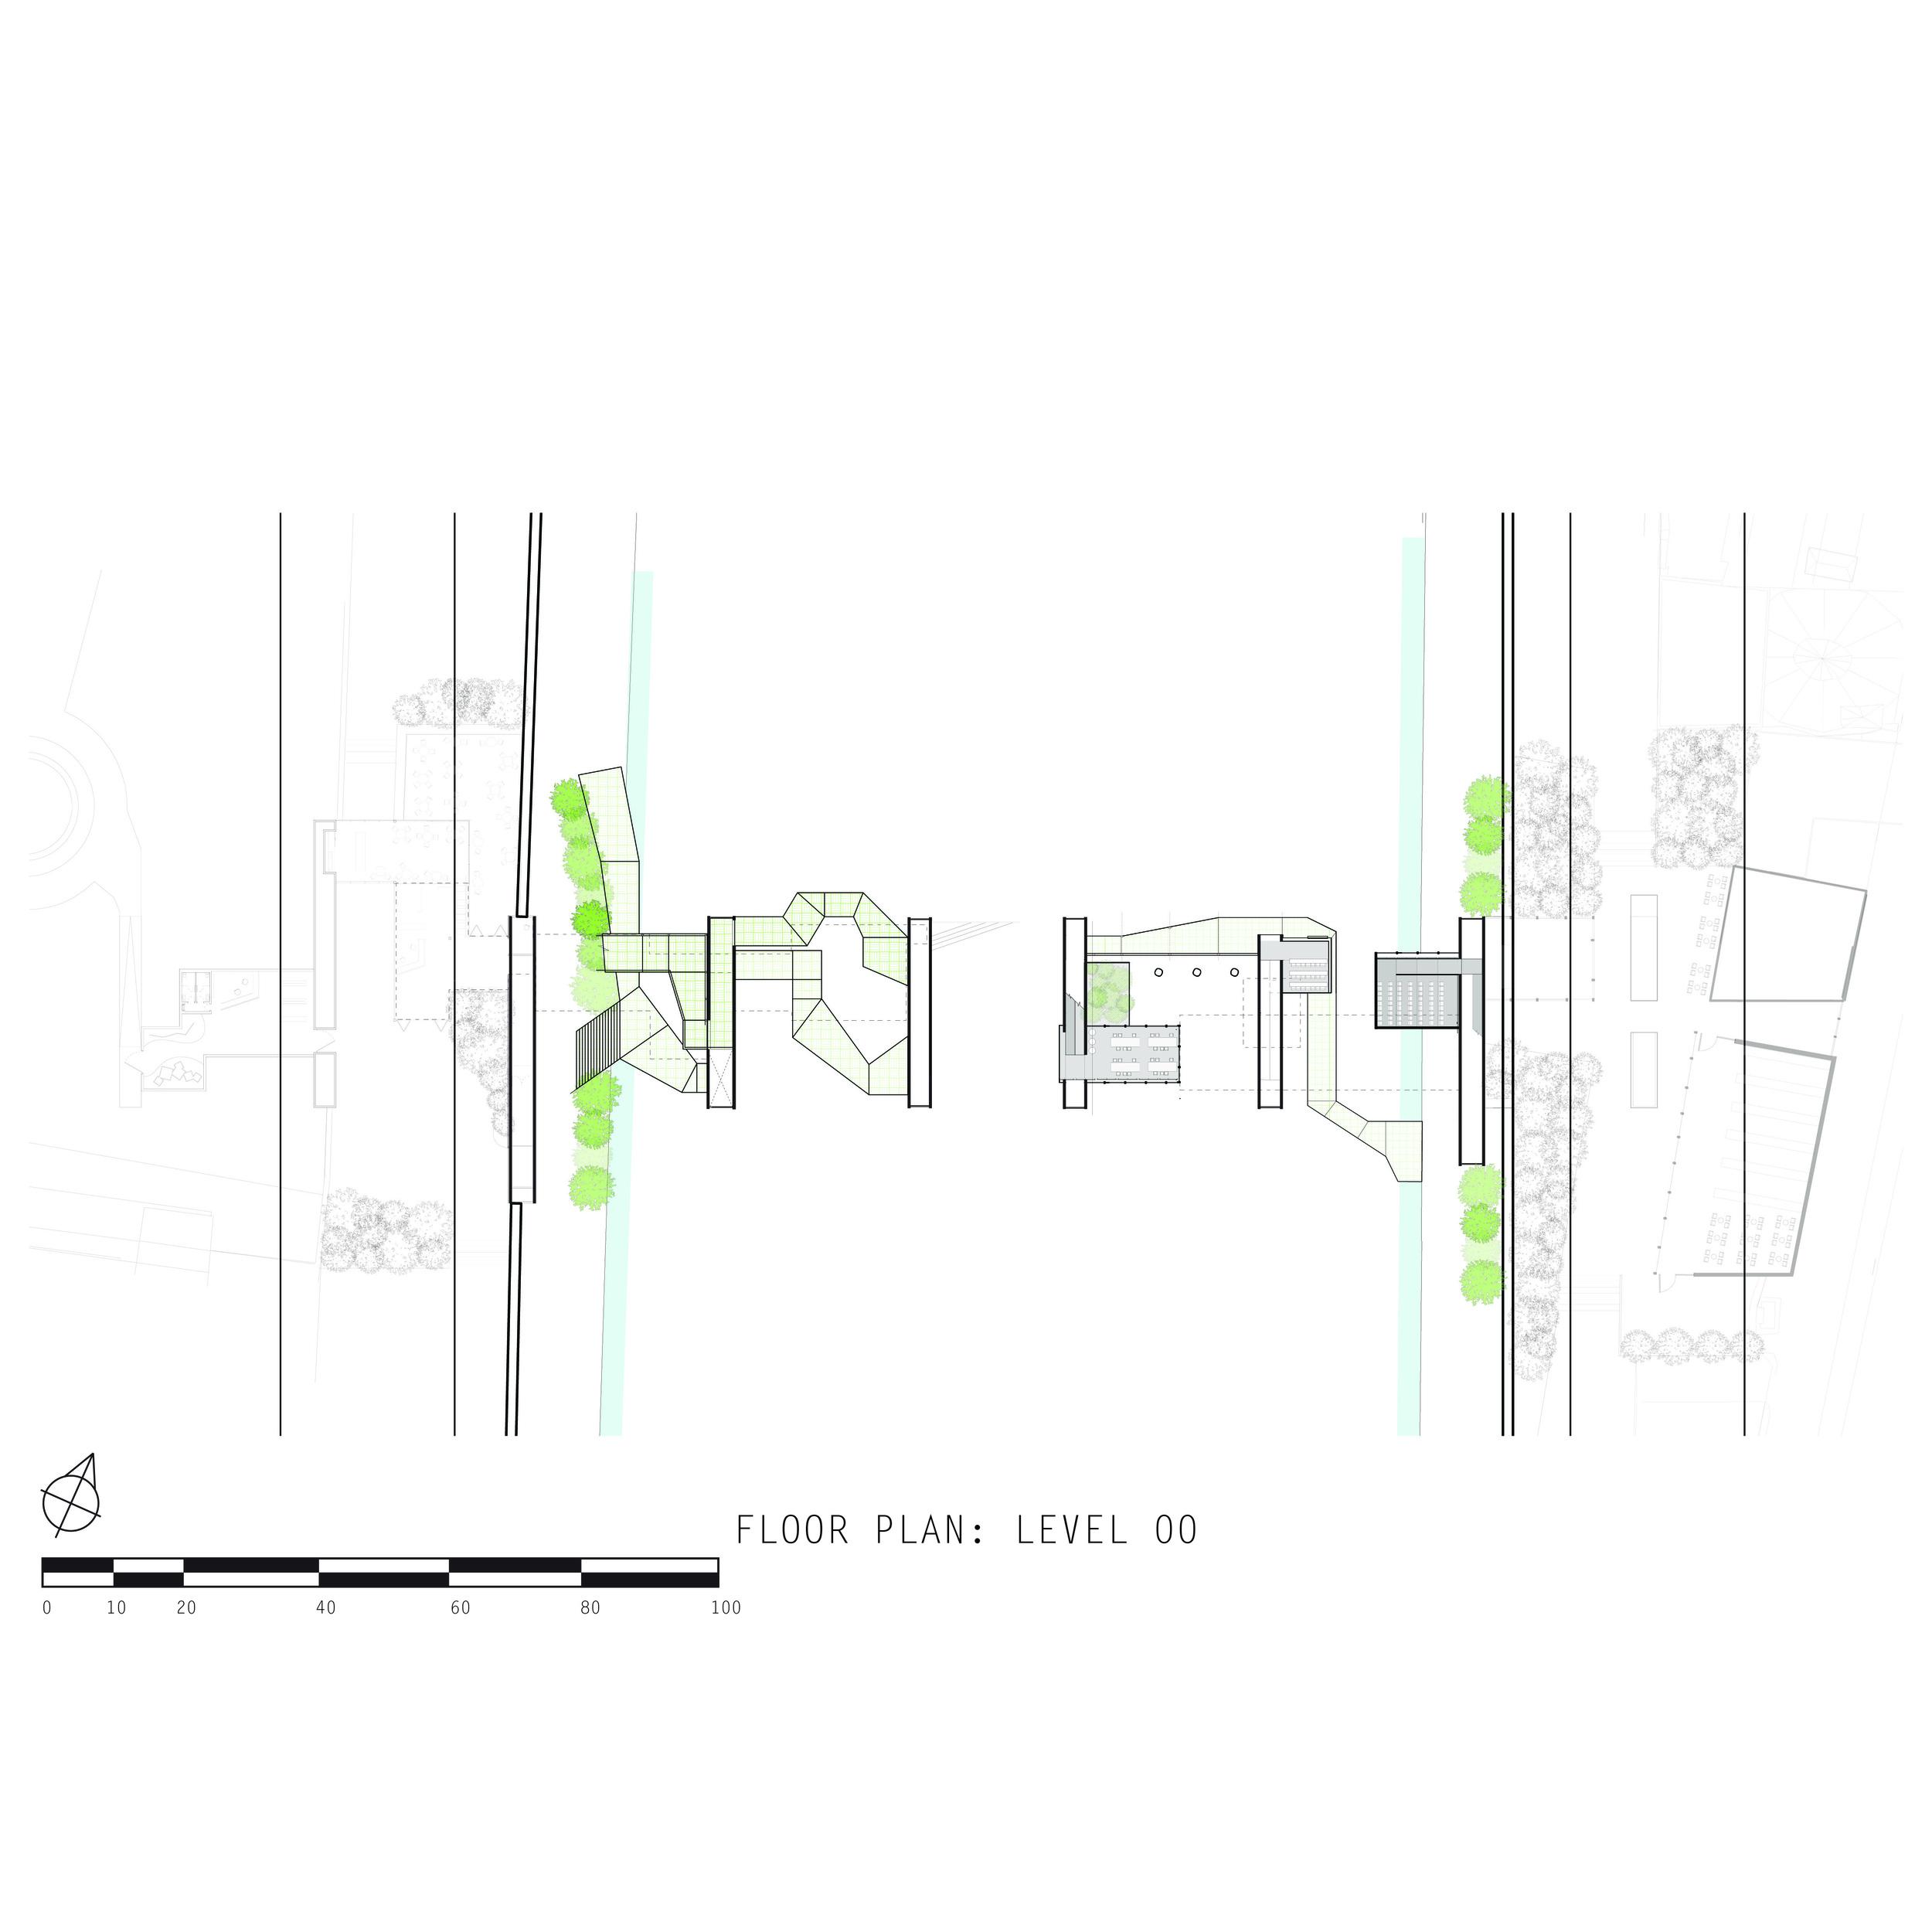 floor plan: level 00 (river walks)